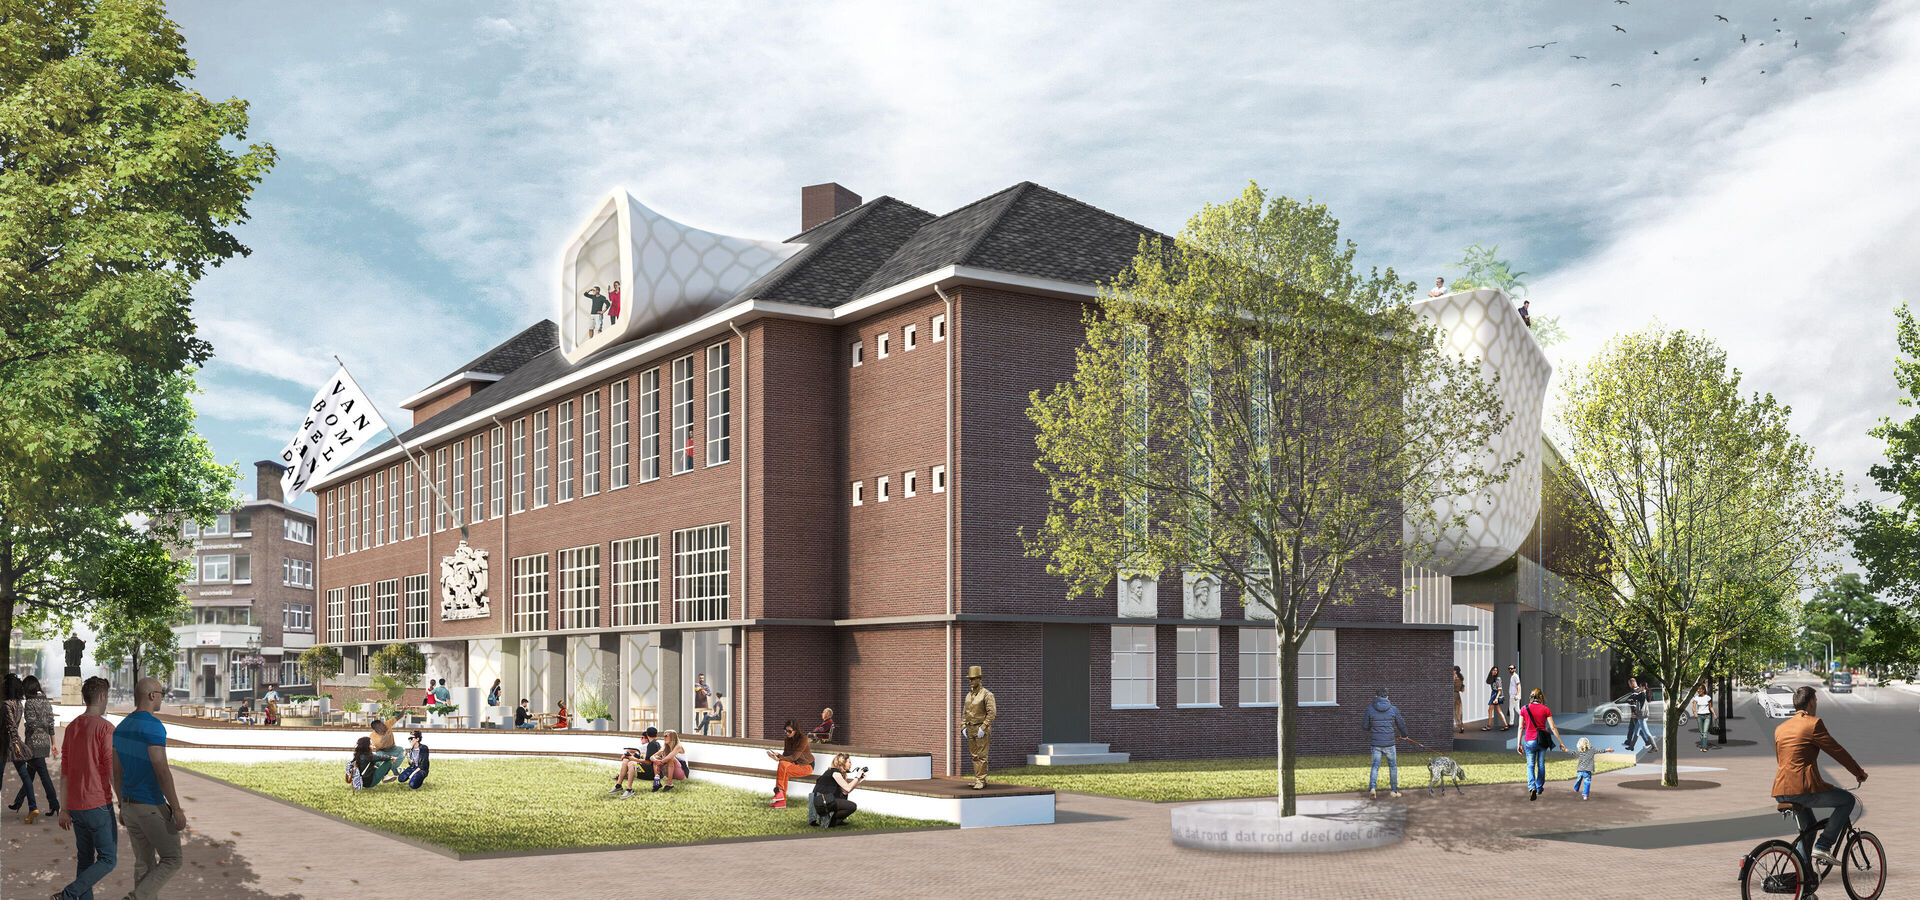 Plannen nieuw Museum van Bommel van Dam gepresenteerd